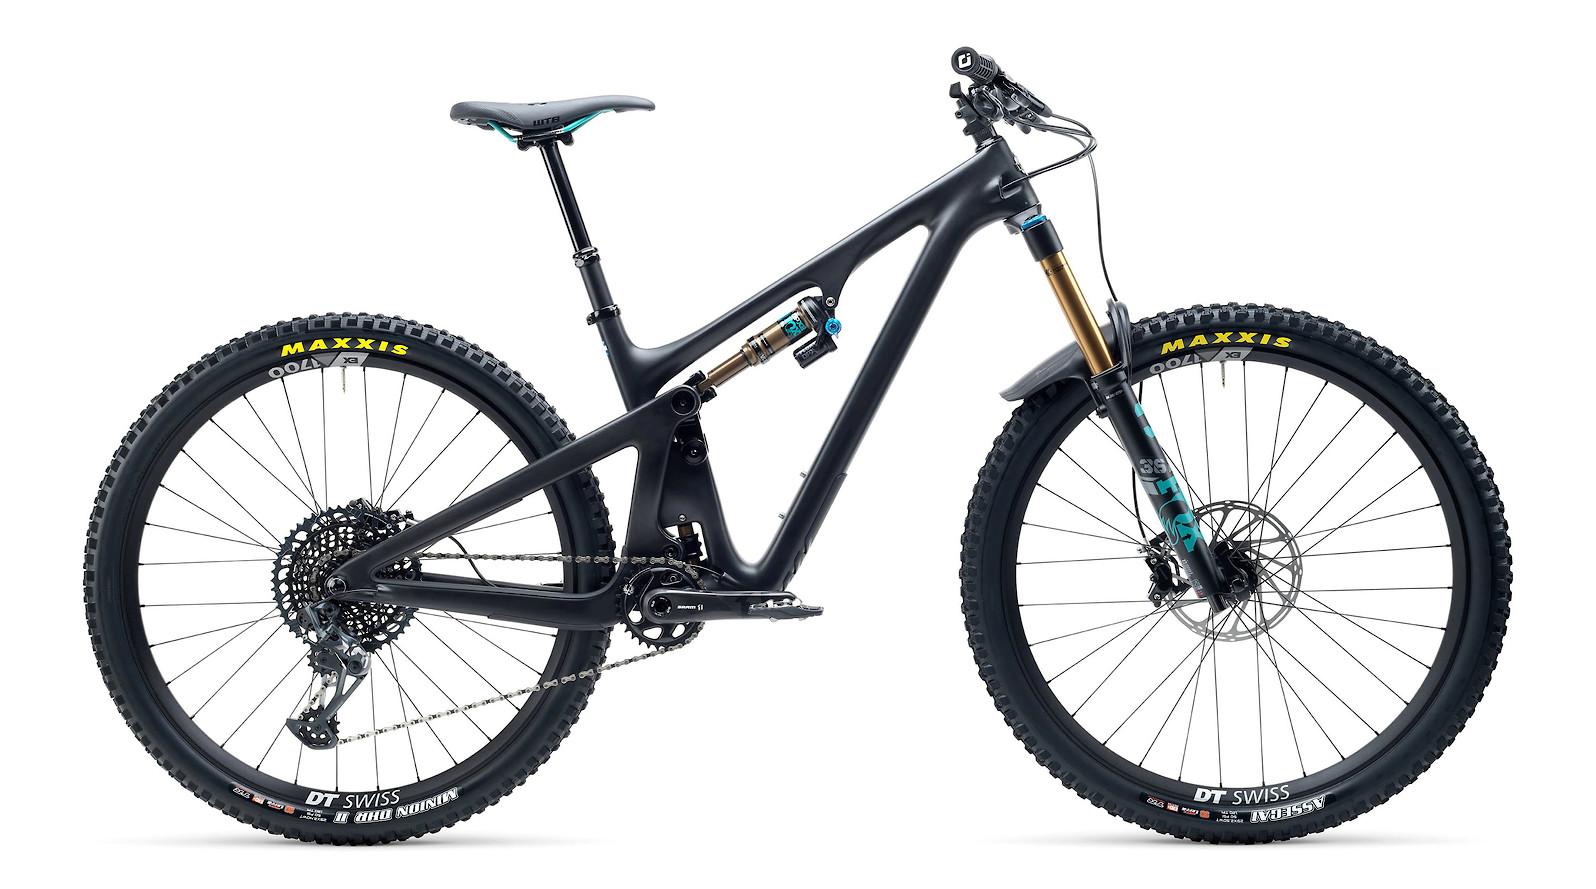 2021 Yeti SB130 TLR T2 (Black)